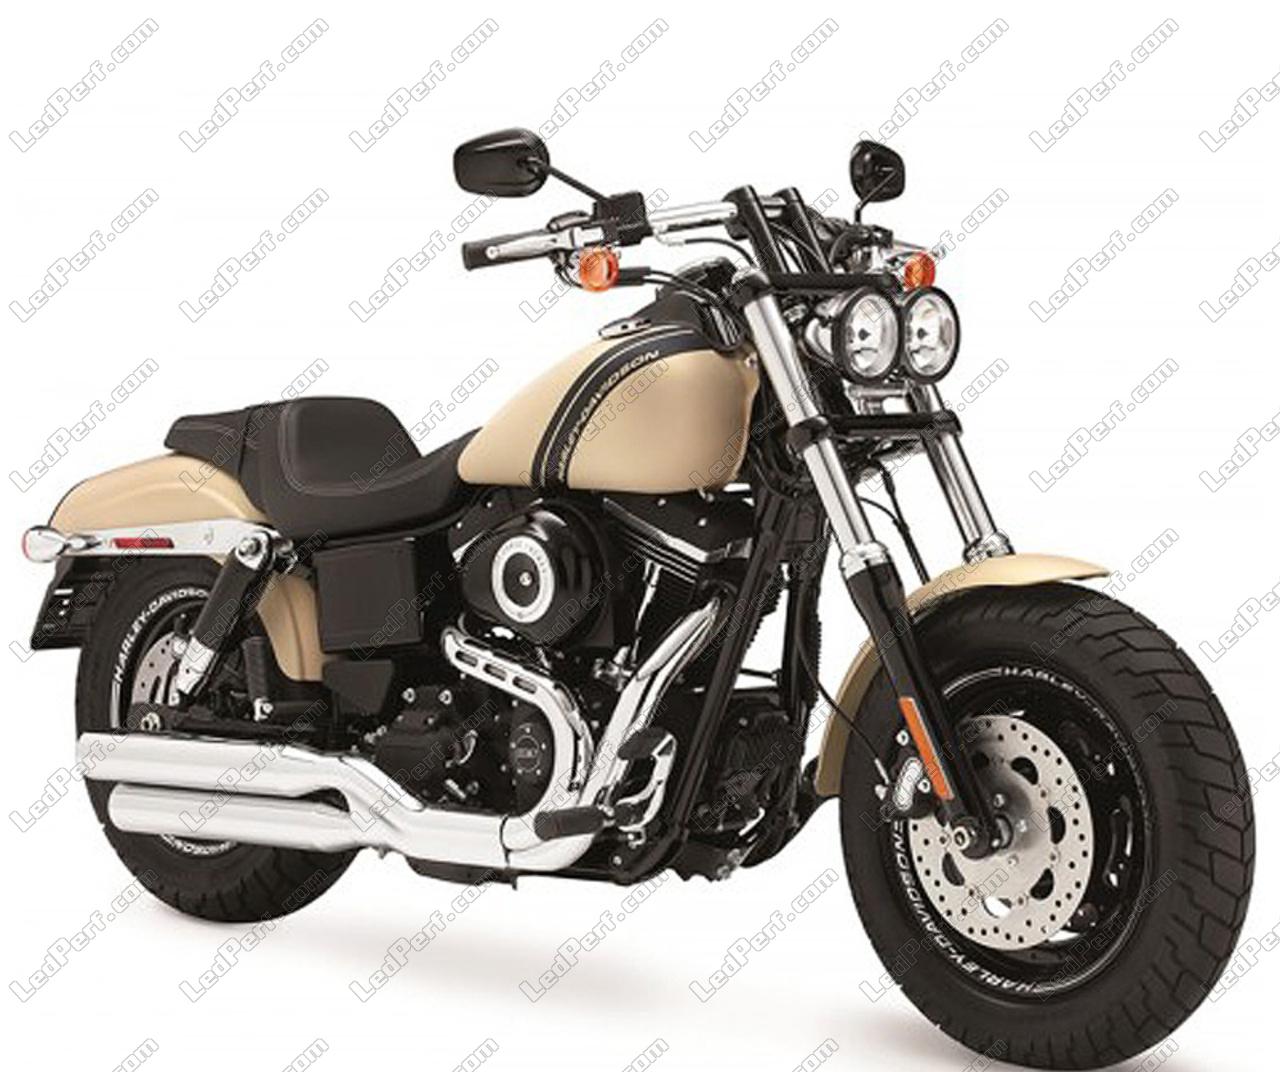 Harley Davidson Fat Bob >> Pack Rear Led Turn Signal For Harley Davidson Fat Bob 1690